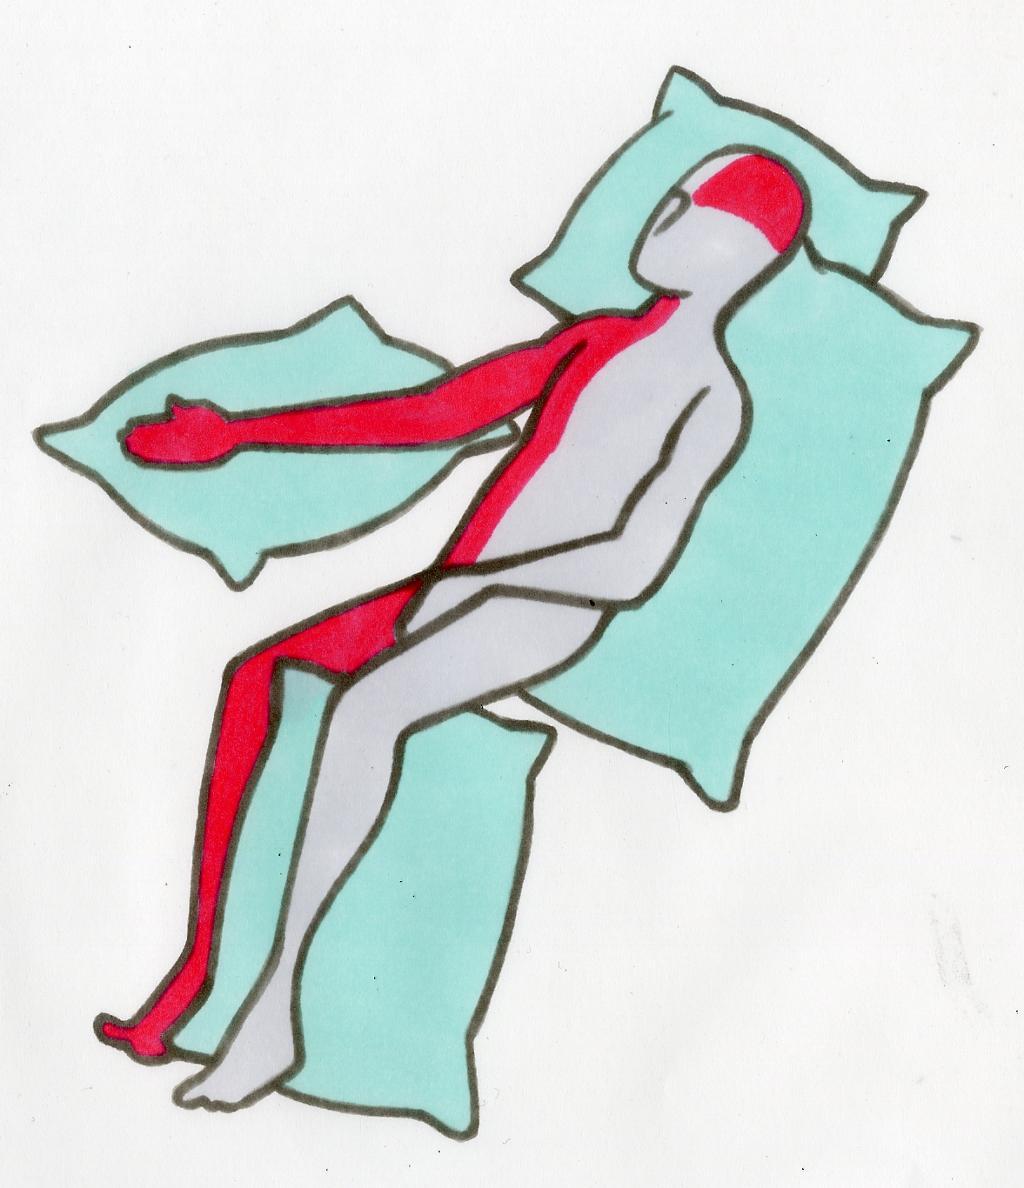 Bildet viser en pasient som ligger i sideleie på lammet eller syk side.